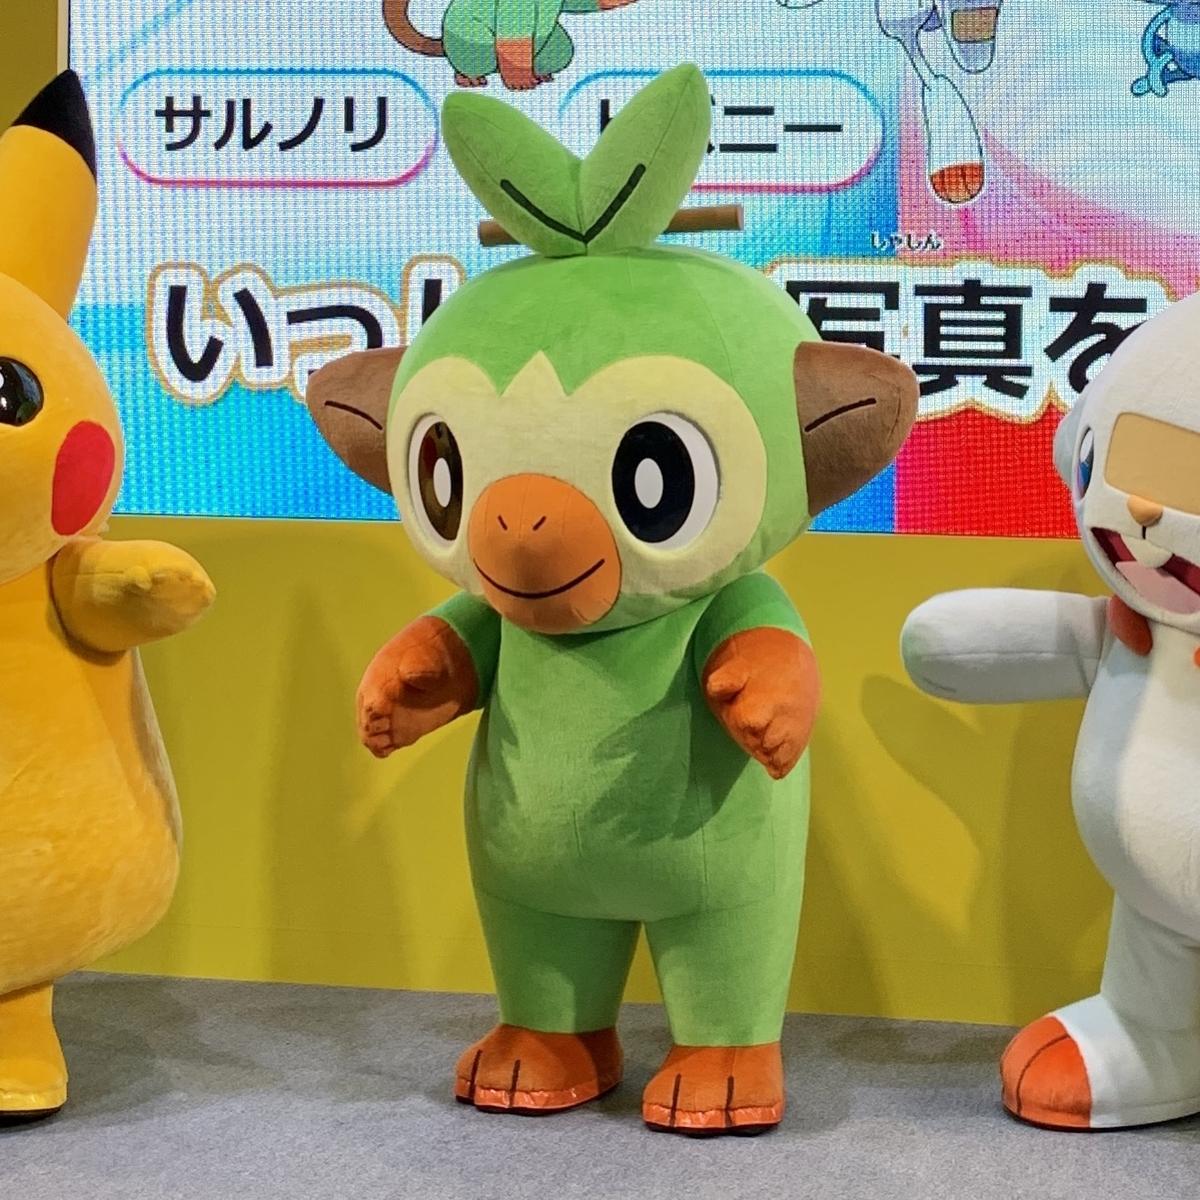 f:id:pikachu_pcn:20190630162907j:plain